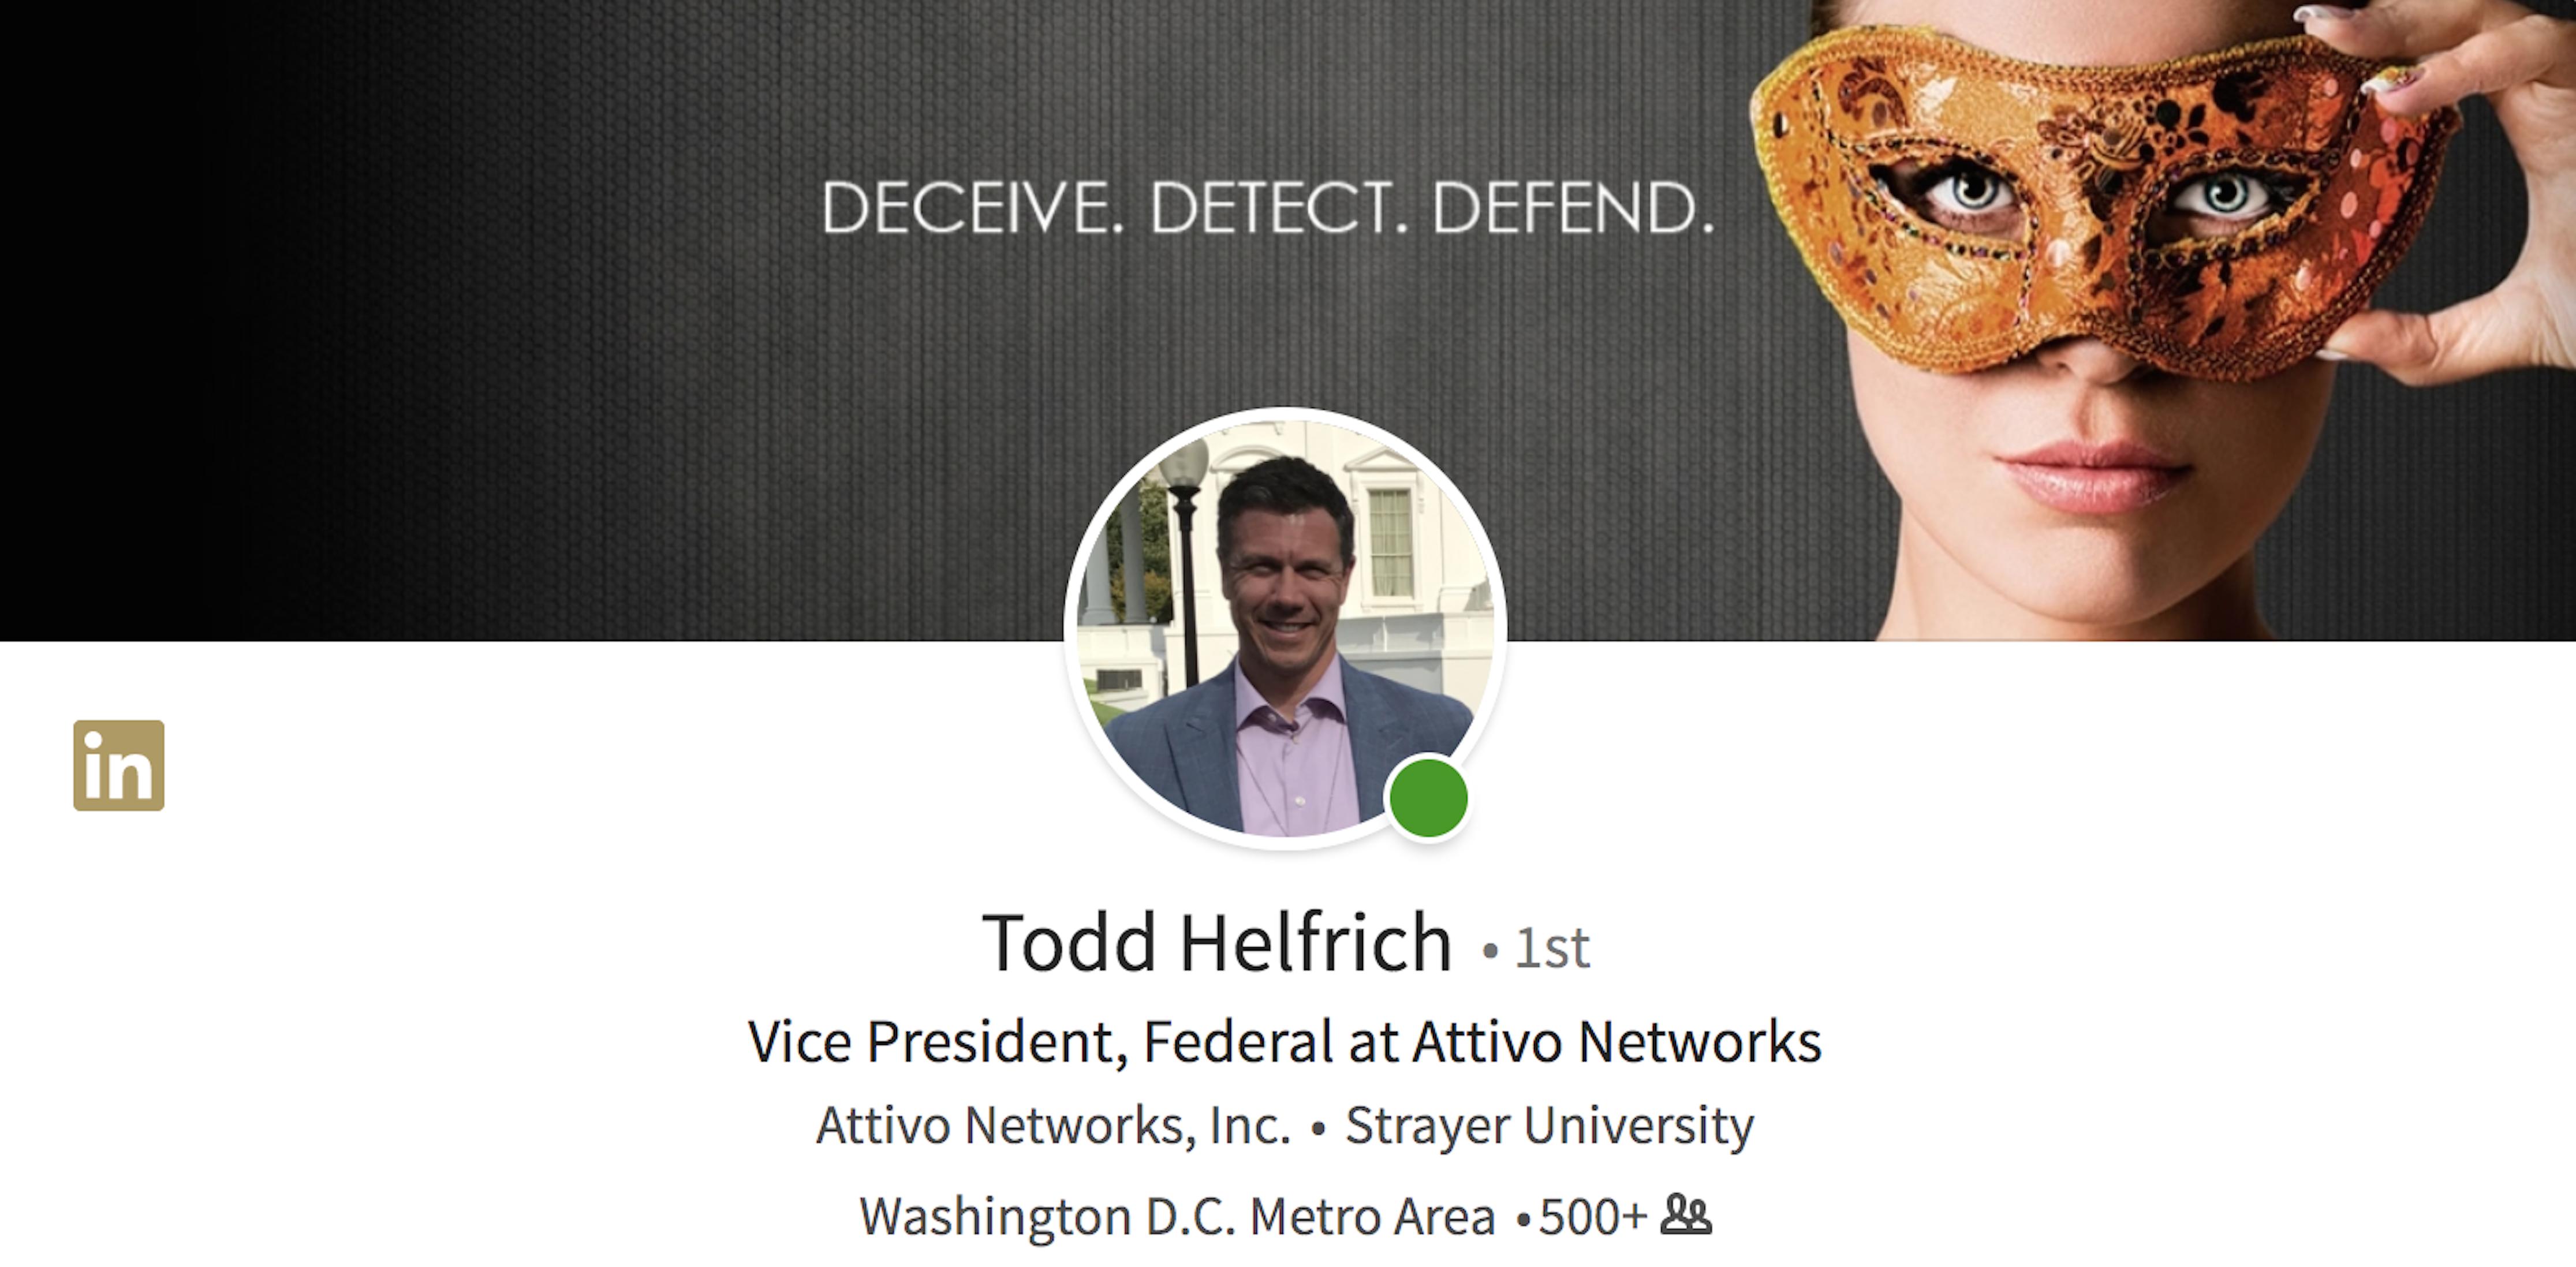 Todd Helfrich